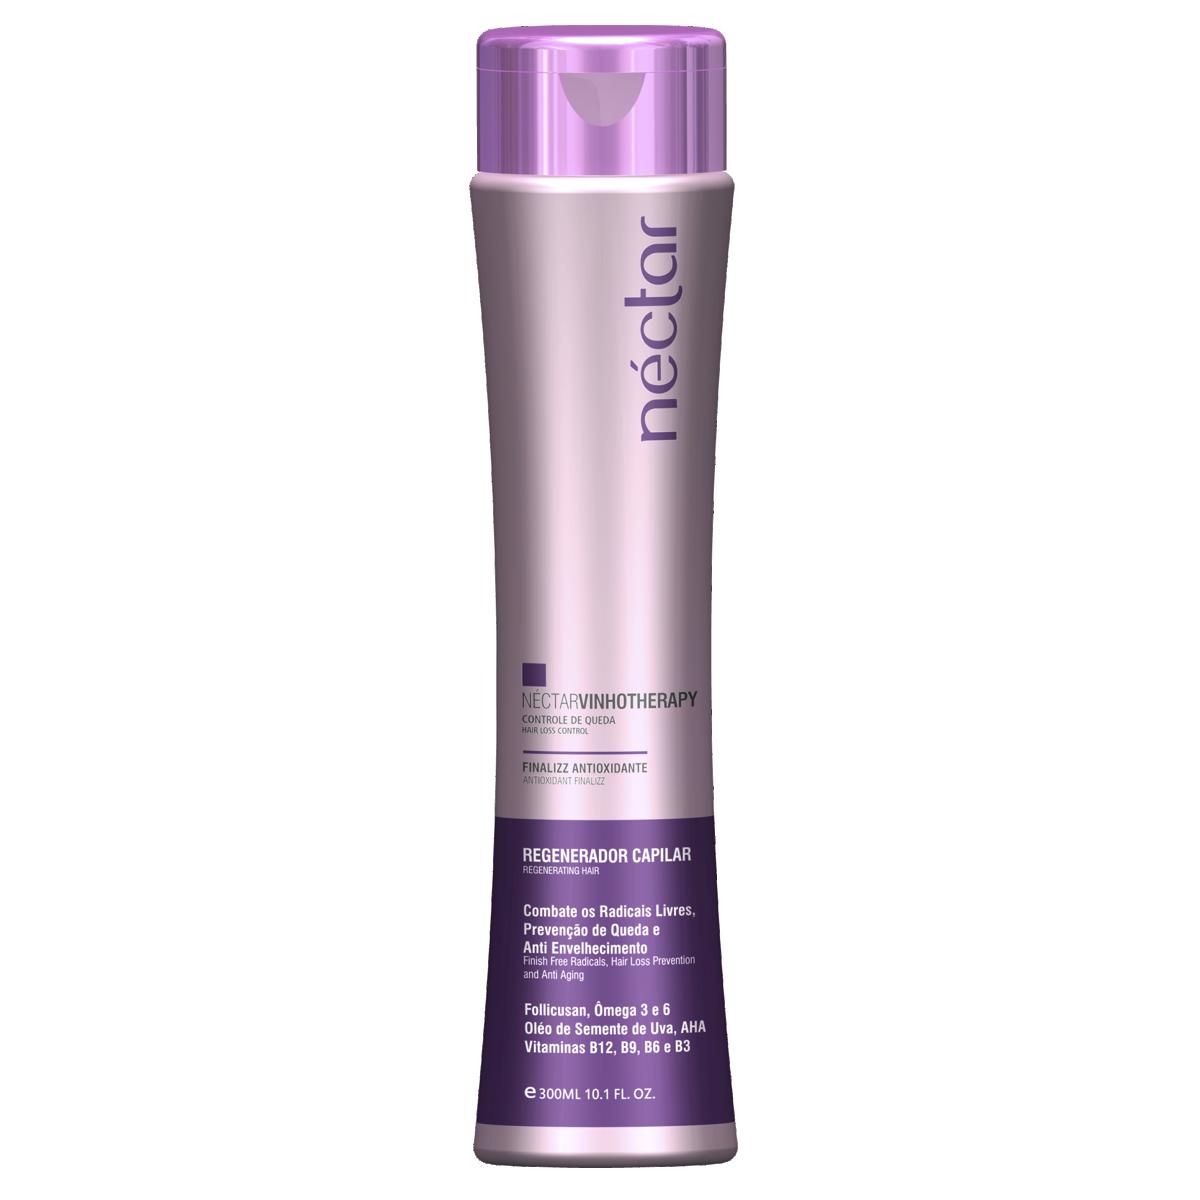 Produto para queda de cabelo - Kit Néctar Vinho Terapy 300ml